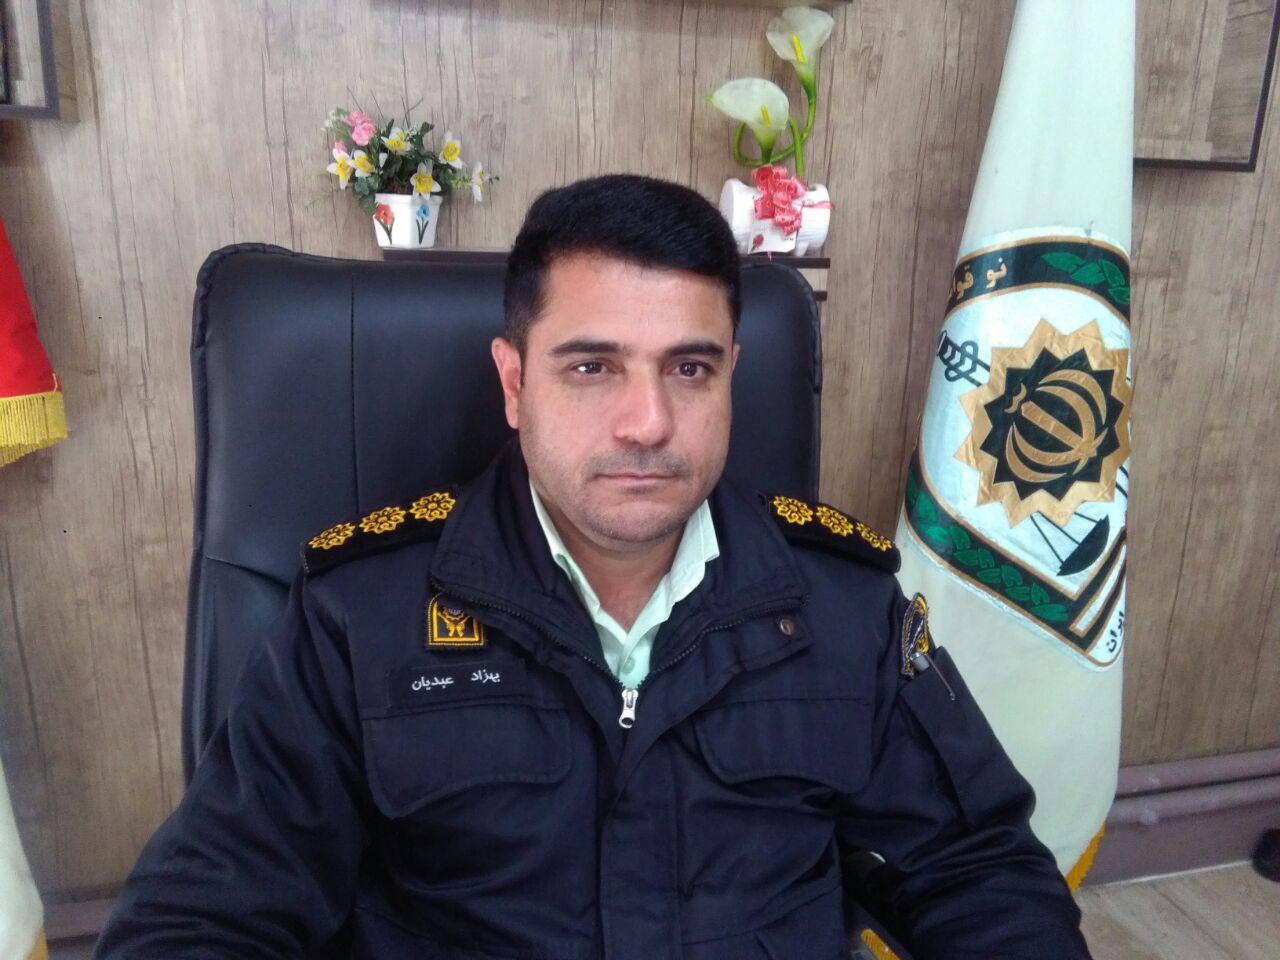 سارق ۷۰ راس دام فیروزکوه در شمال کشور دستگیر شد